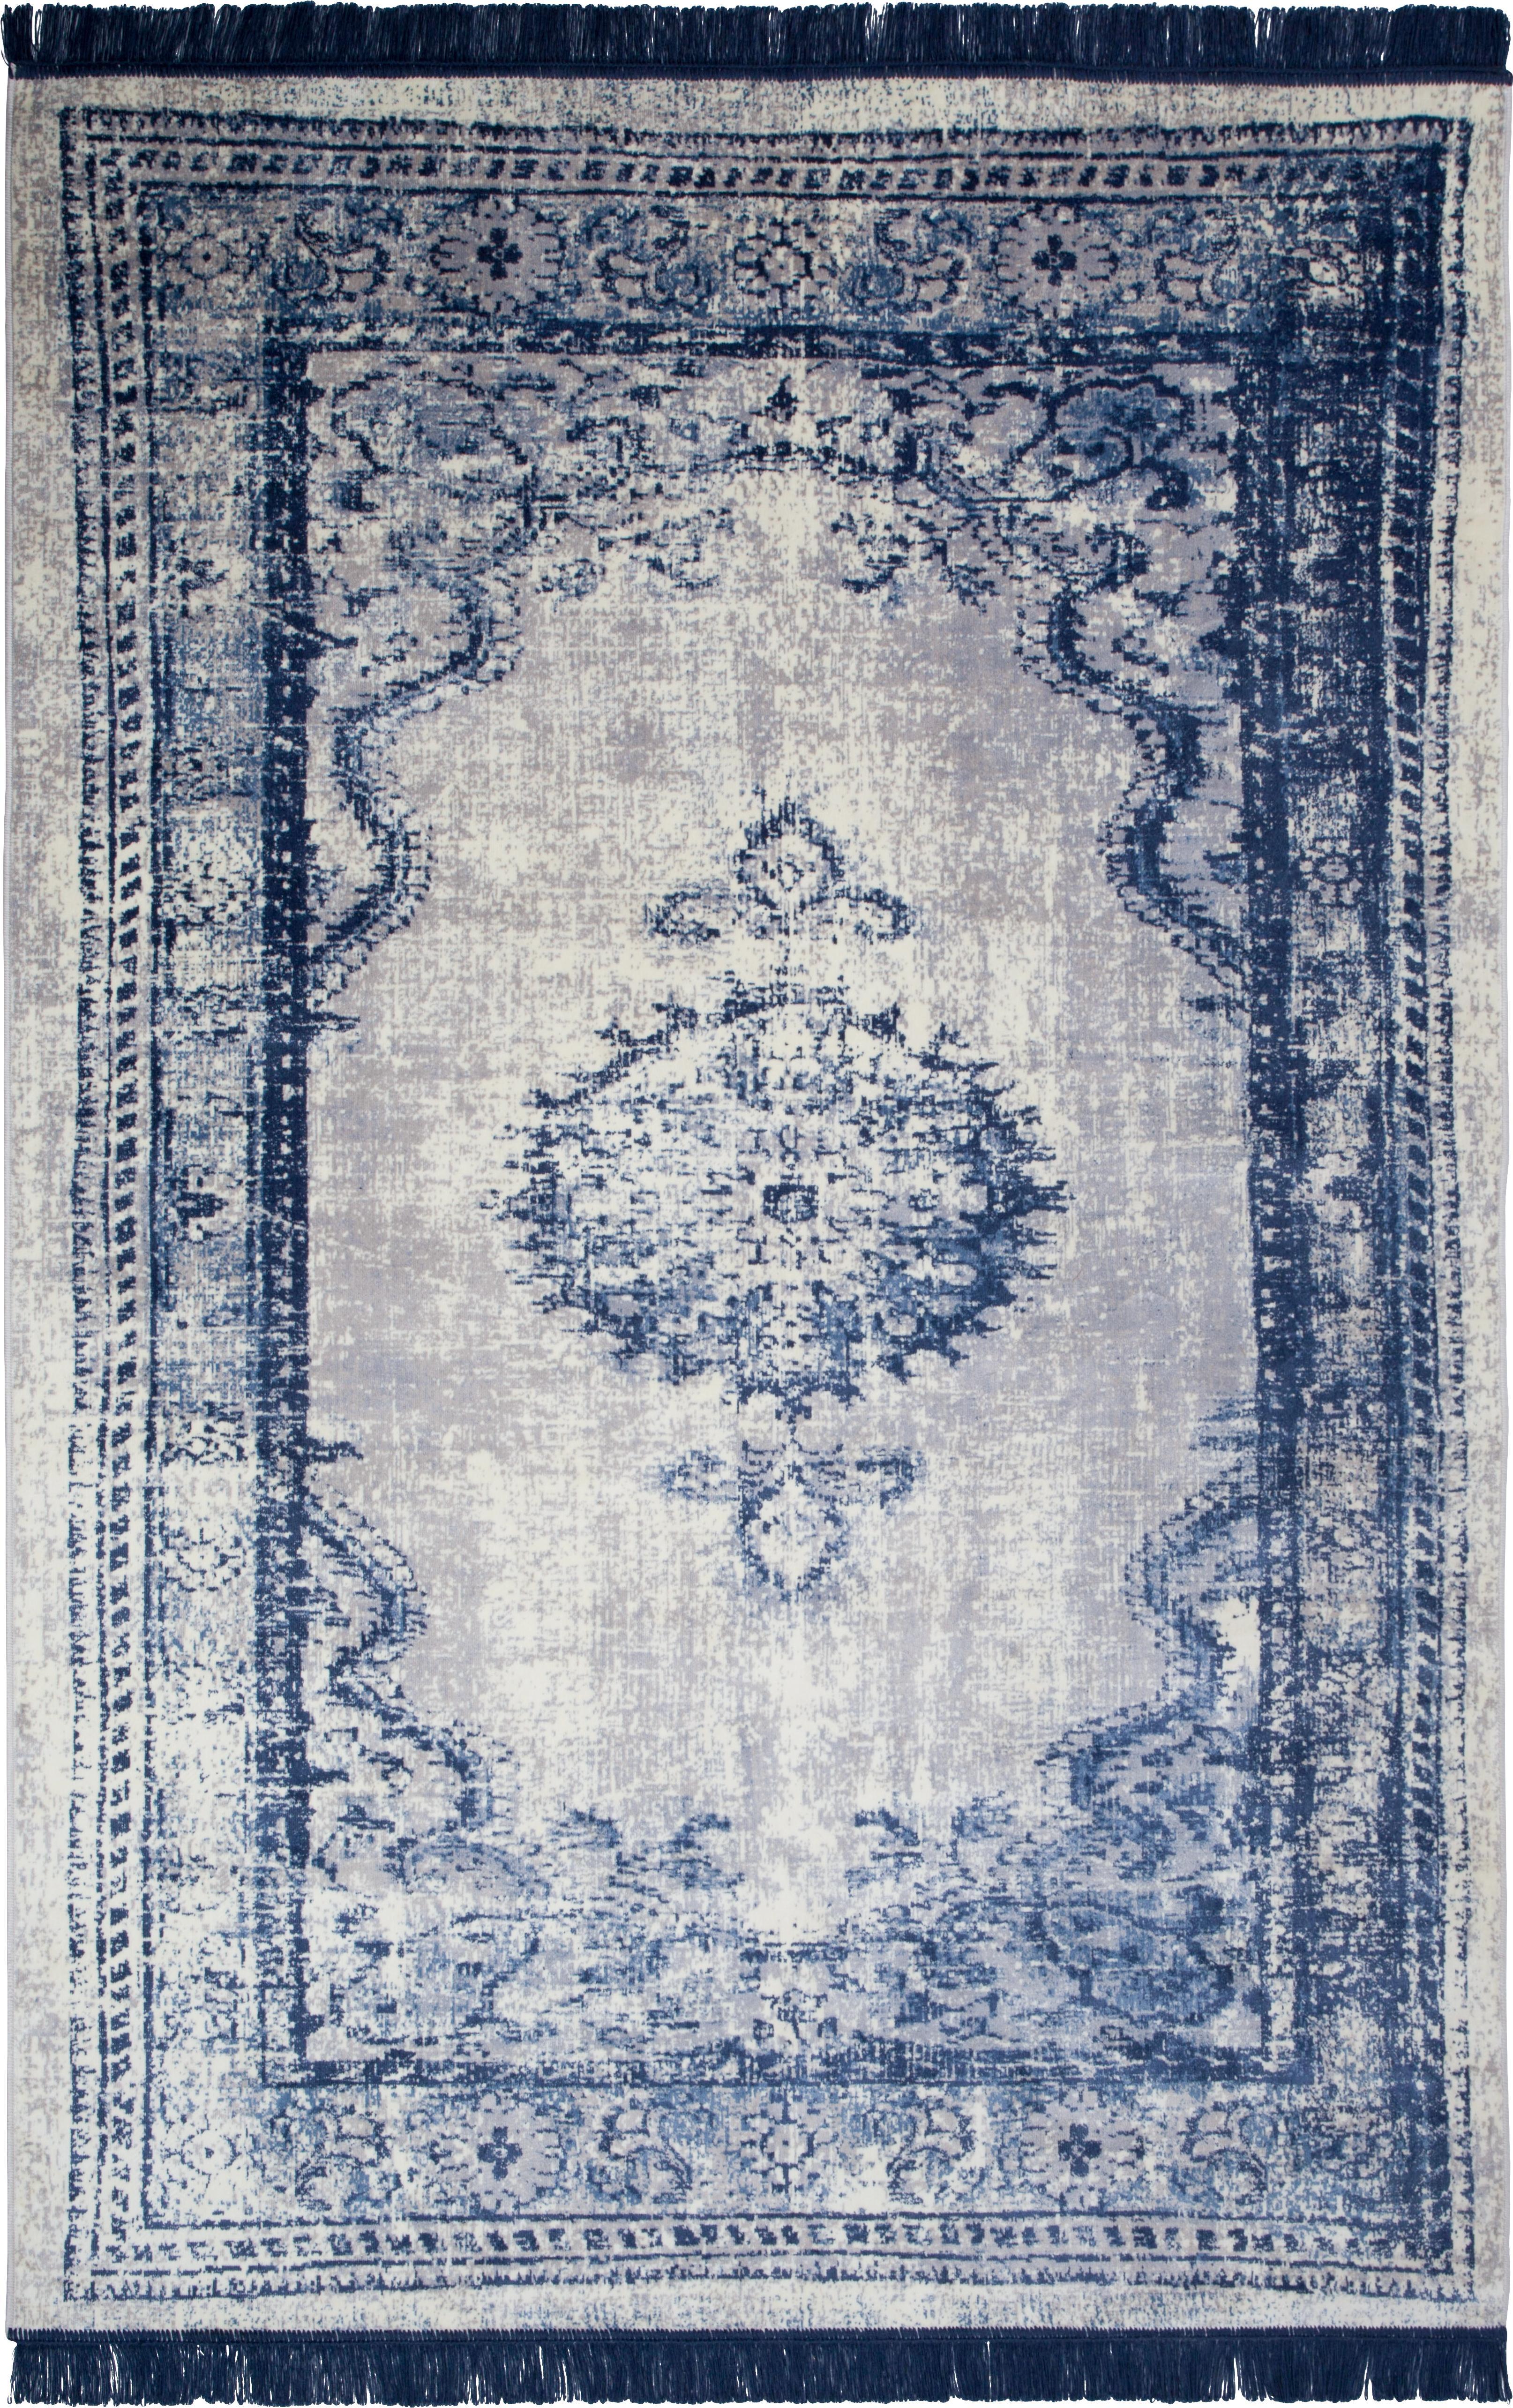 Vintage Teppich Marvel mit Fransen, Flor: 66% Kunstseide, 25% Baumw, Blau und Beigetöne, B 170 x L 240 cm (Größe M)